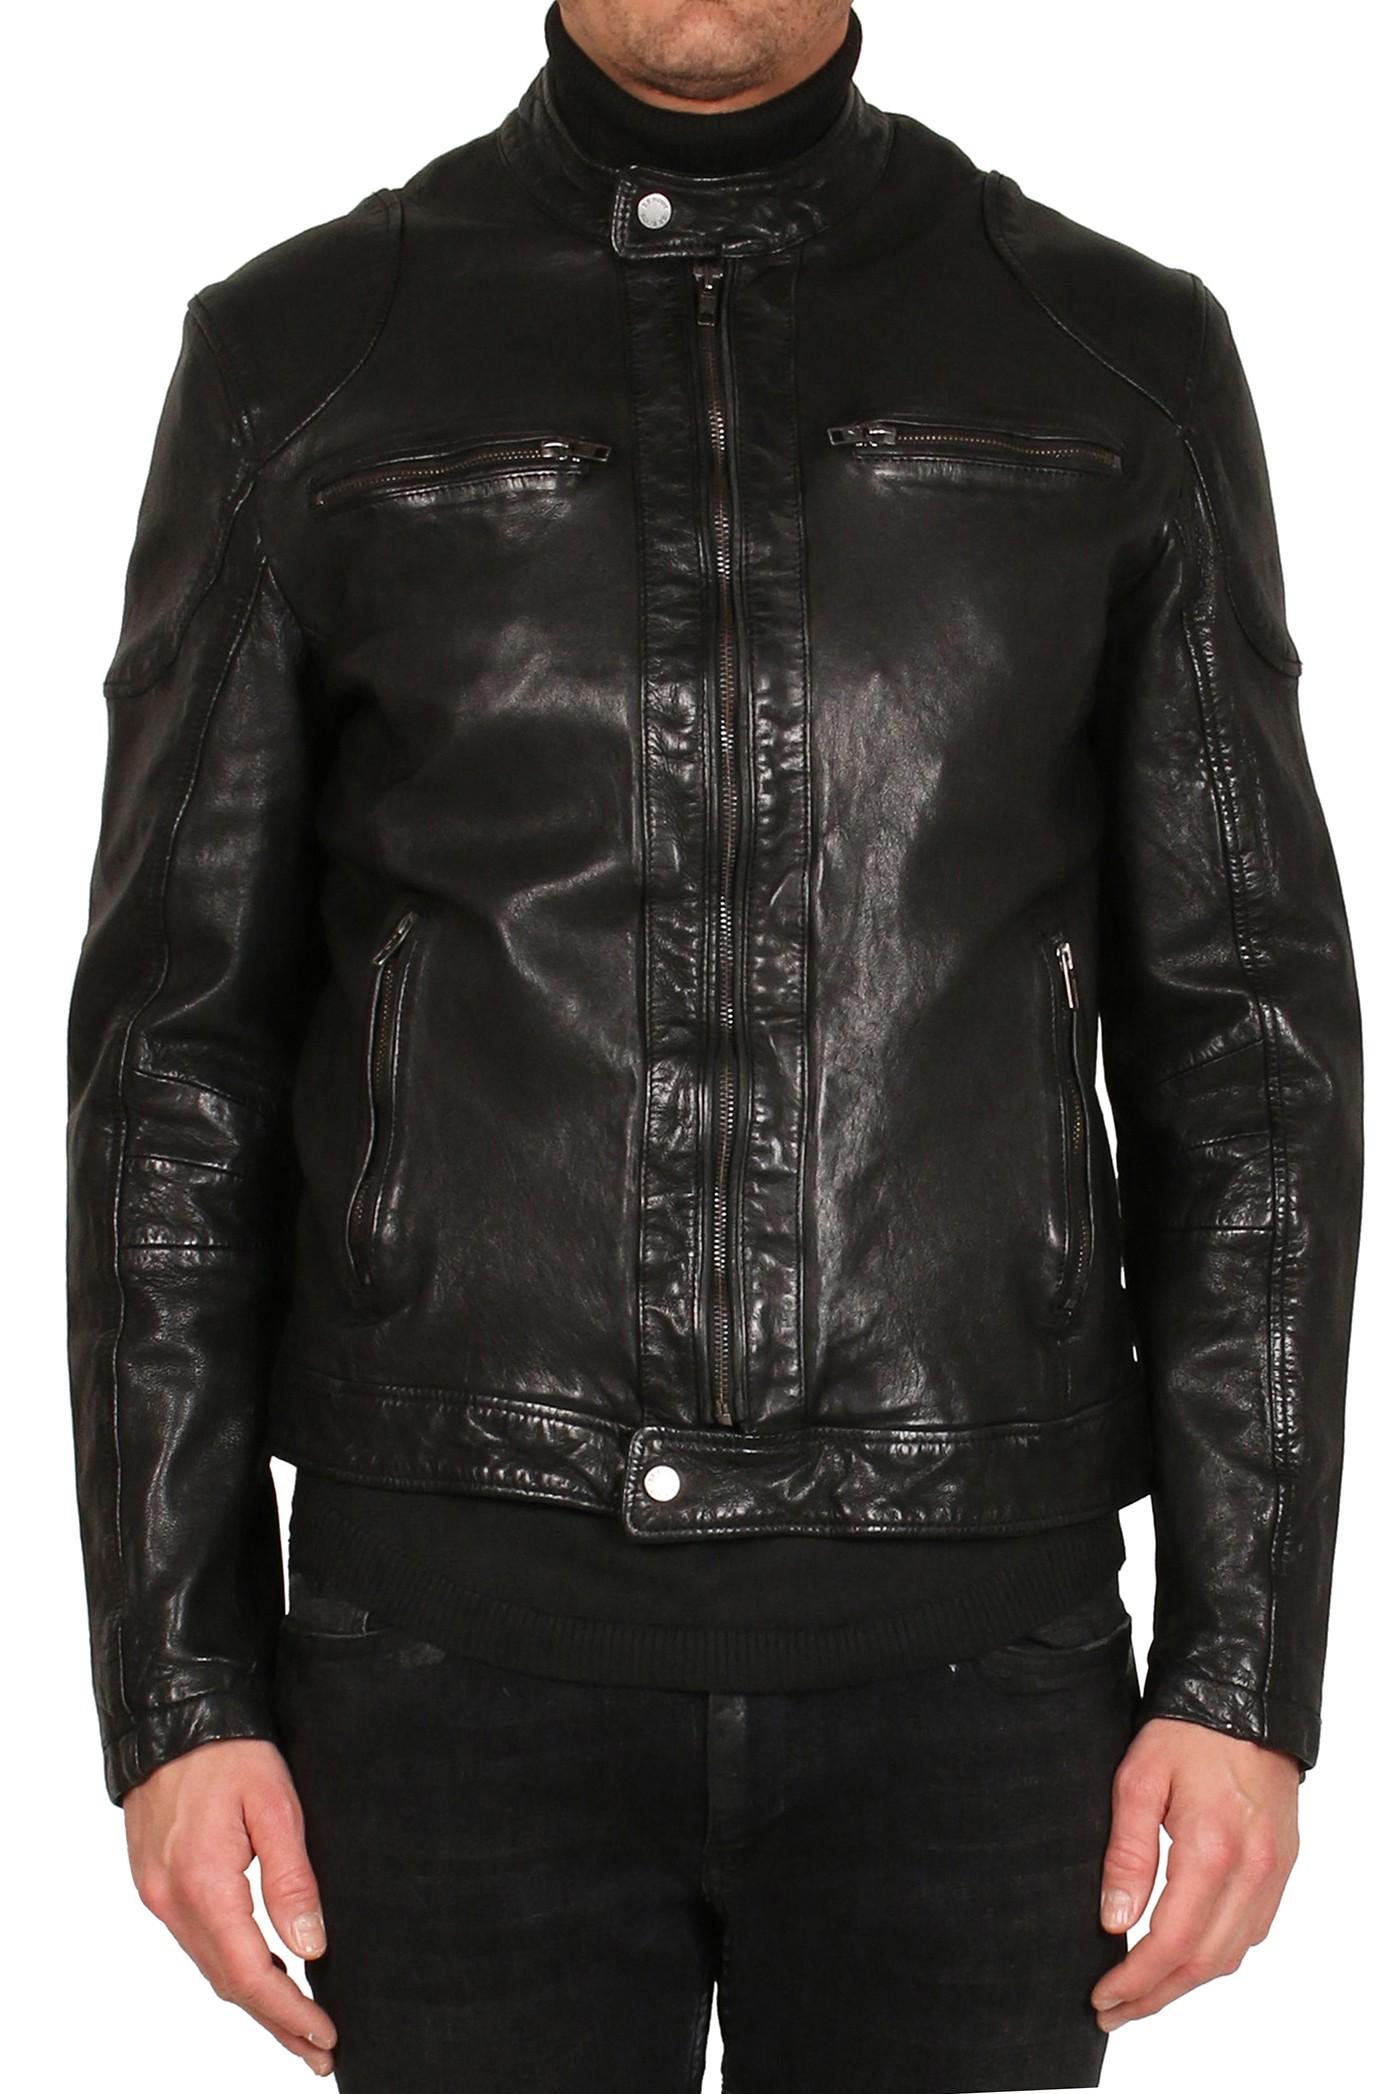 Afbeelding van Be Edgy Beanton jacket - zwart